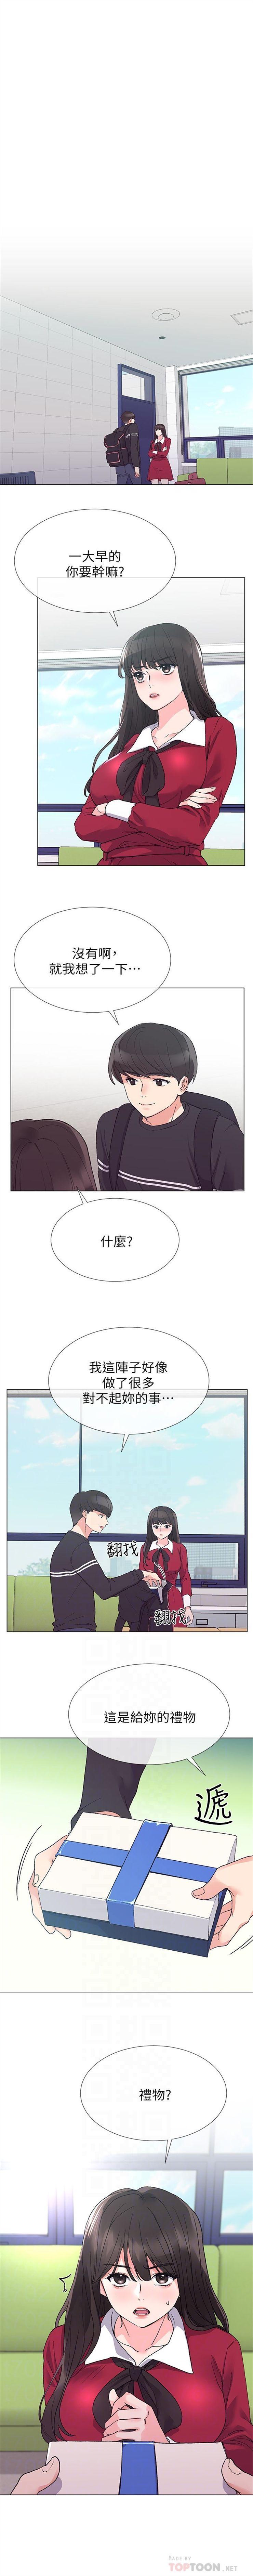 重考生 1-44 中文翻译(更新中) 235